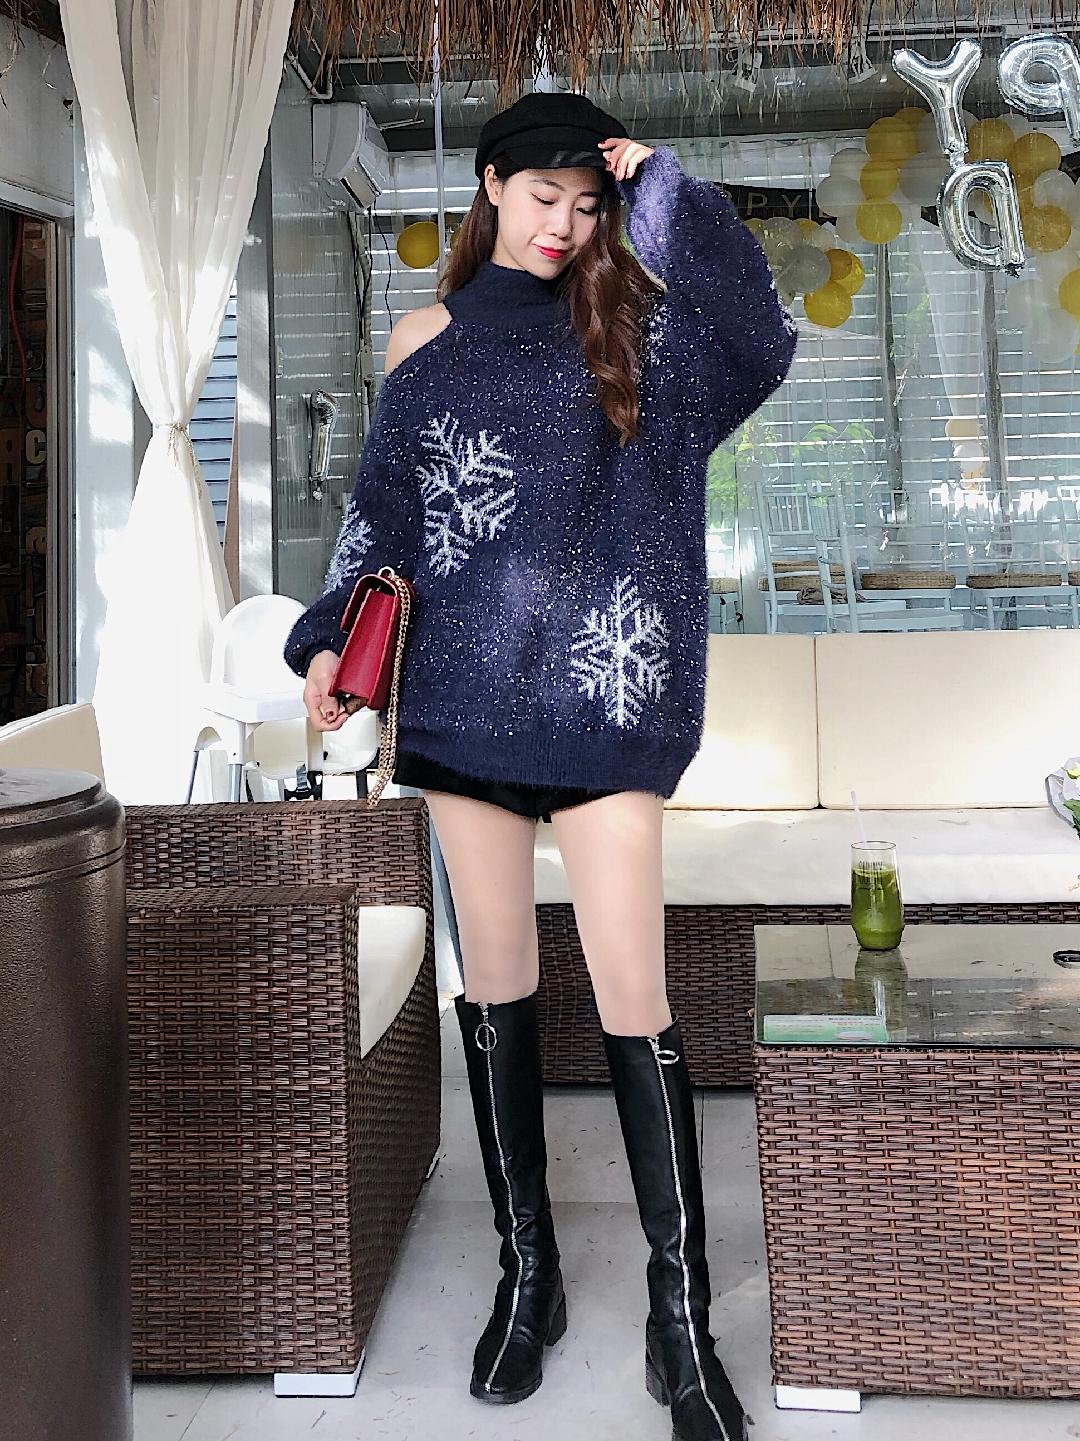 #越不正经穿衣,越!好!看!#  最爱的这件毛衣啦,亮闪闪的炒鸡好看,雪花的图案也是圣诞气氛满满,特别甜美,露肩的设计带点小性感,长度刚好盖住臀部,完美营造下衣失踪感,再配个高筒靴,显瘦又时髦。